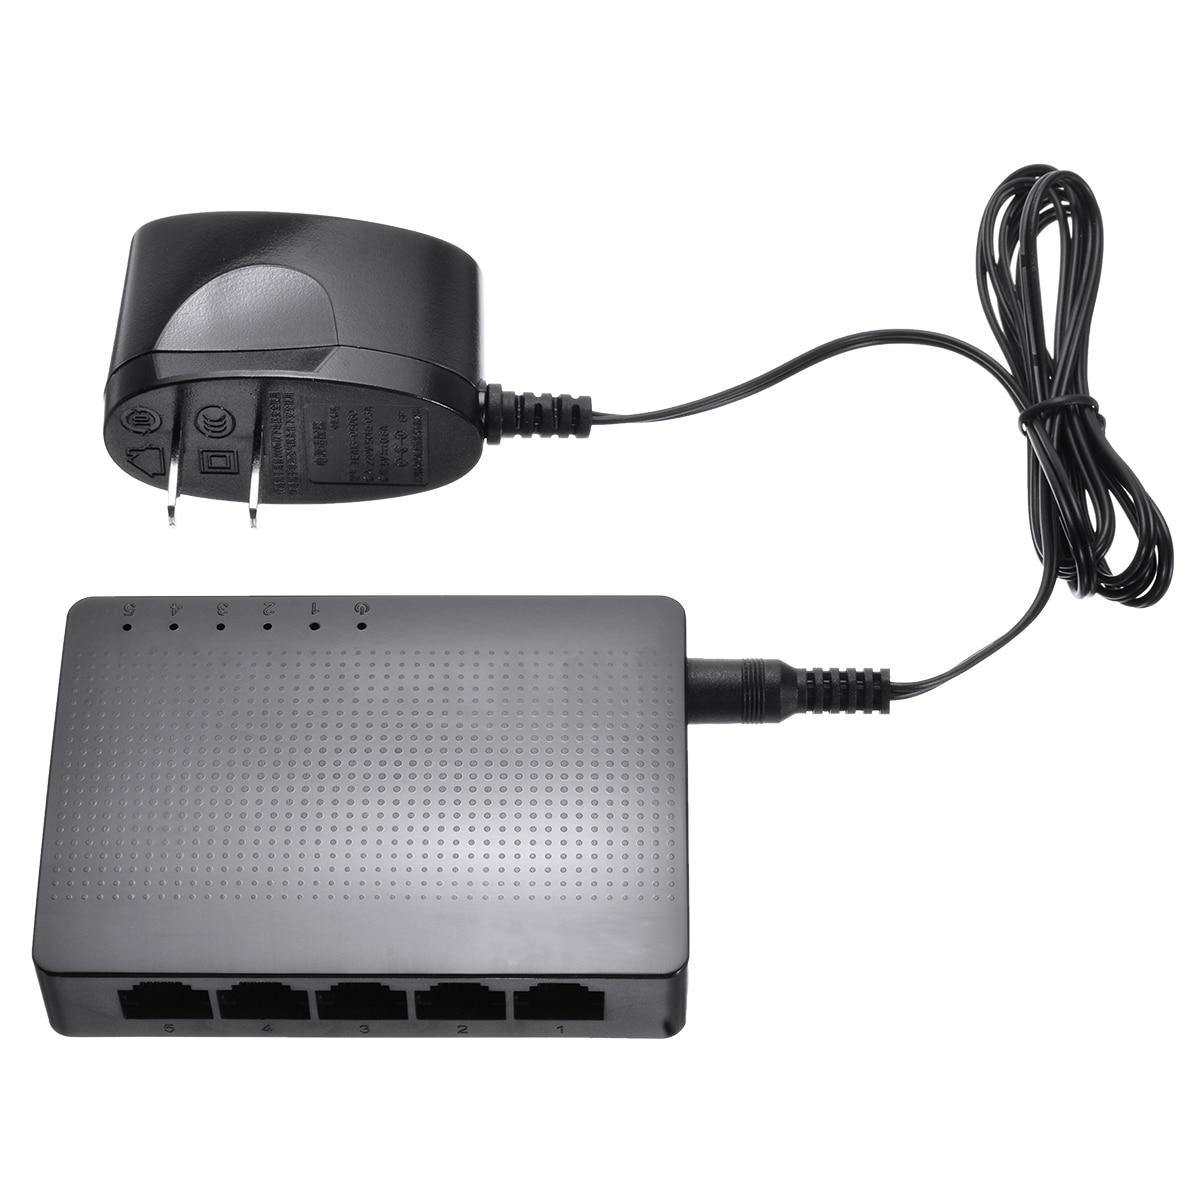 Для Windows 10/8/7/Vista/XP 1 шт. десять-da сети SG105 5-с одним портом, Настольная Gigabit Ethernet сетевой коммутатор Gigabit LAN концентратор 1000 м ABS Пластик Mayitr